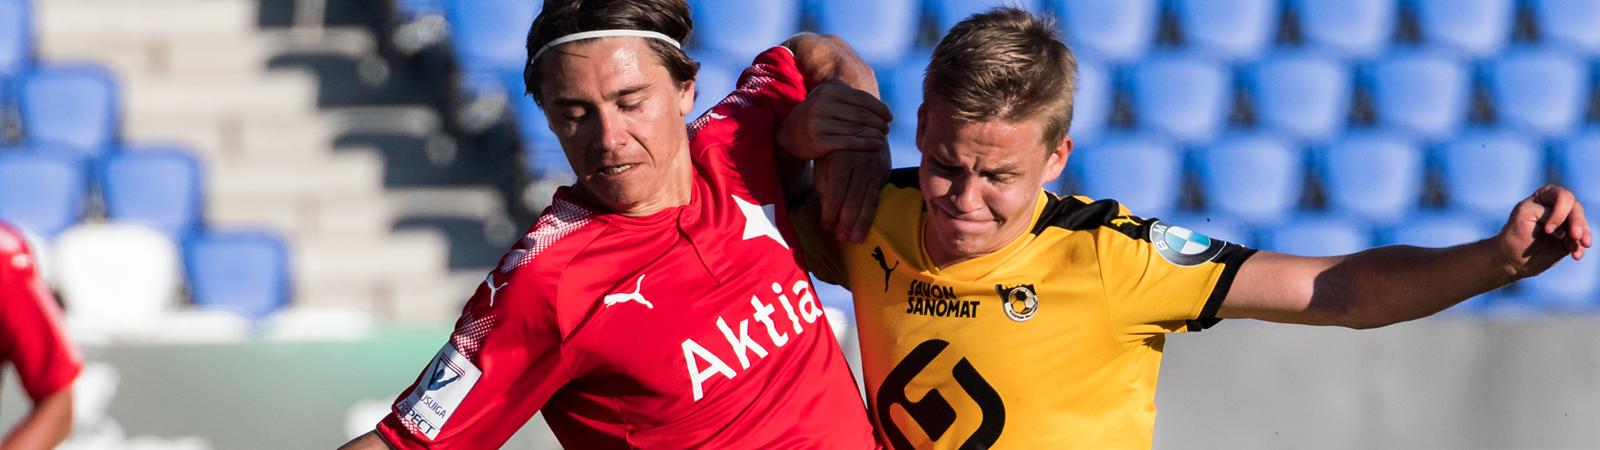 KuPS jätti HIFK:n ilman mahdollisuuksia <br> &#8211; Forssellin maaliputkelle jatkoa